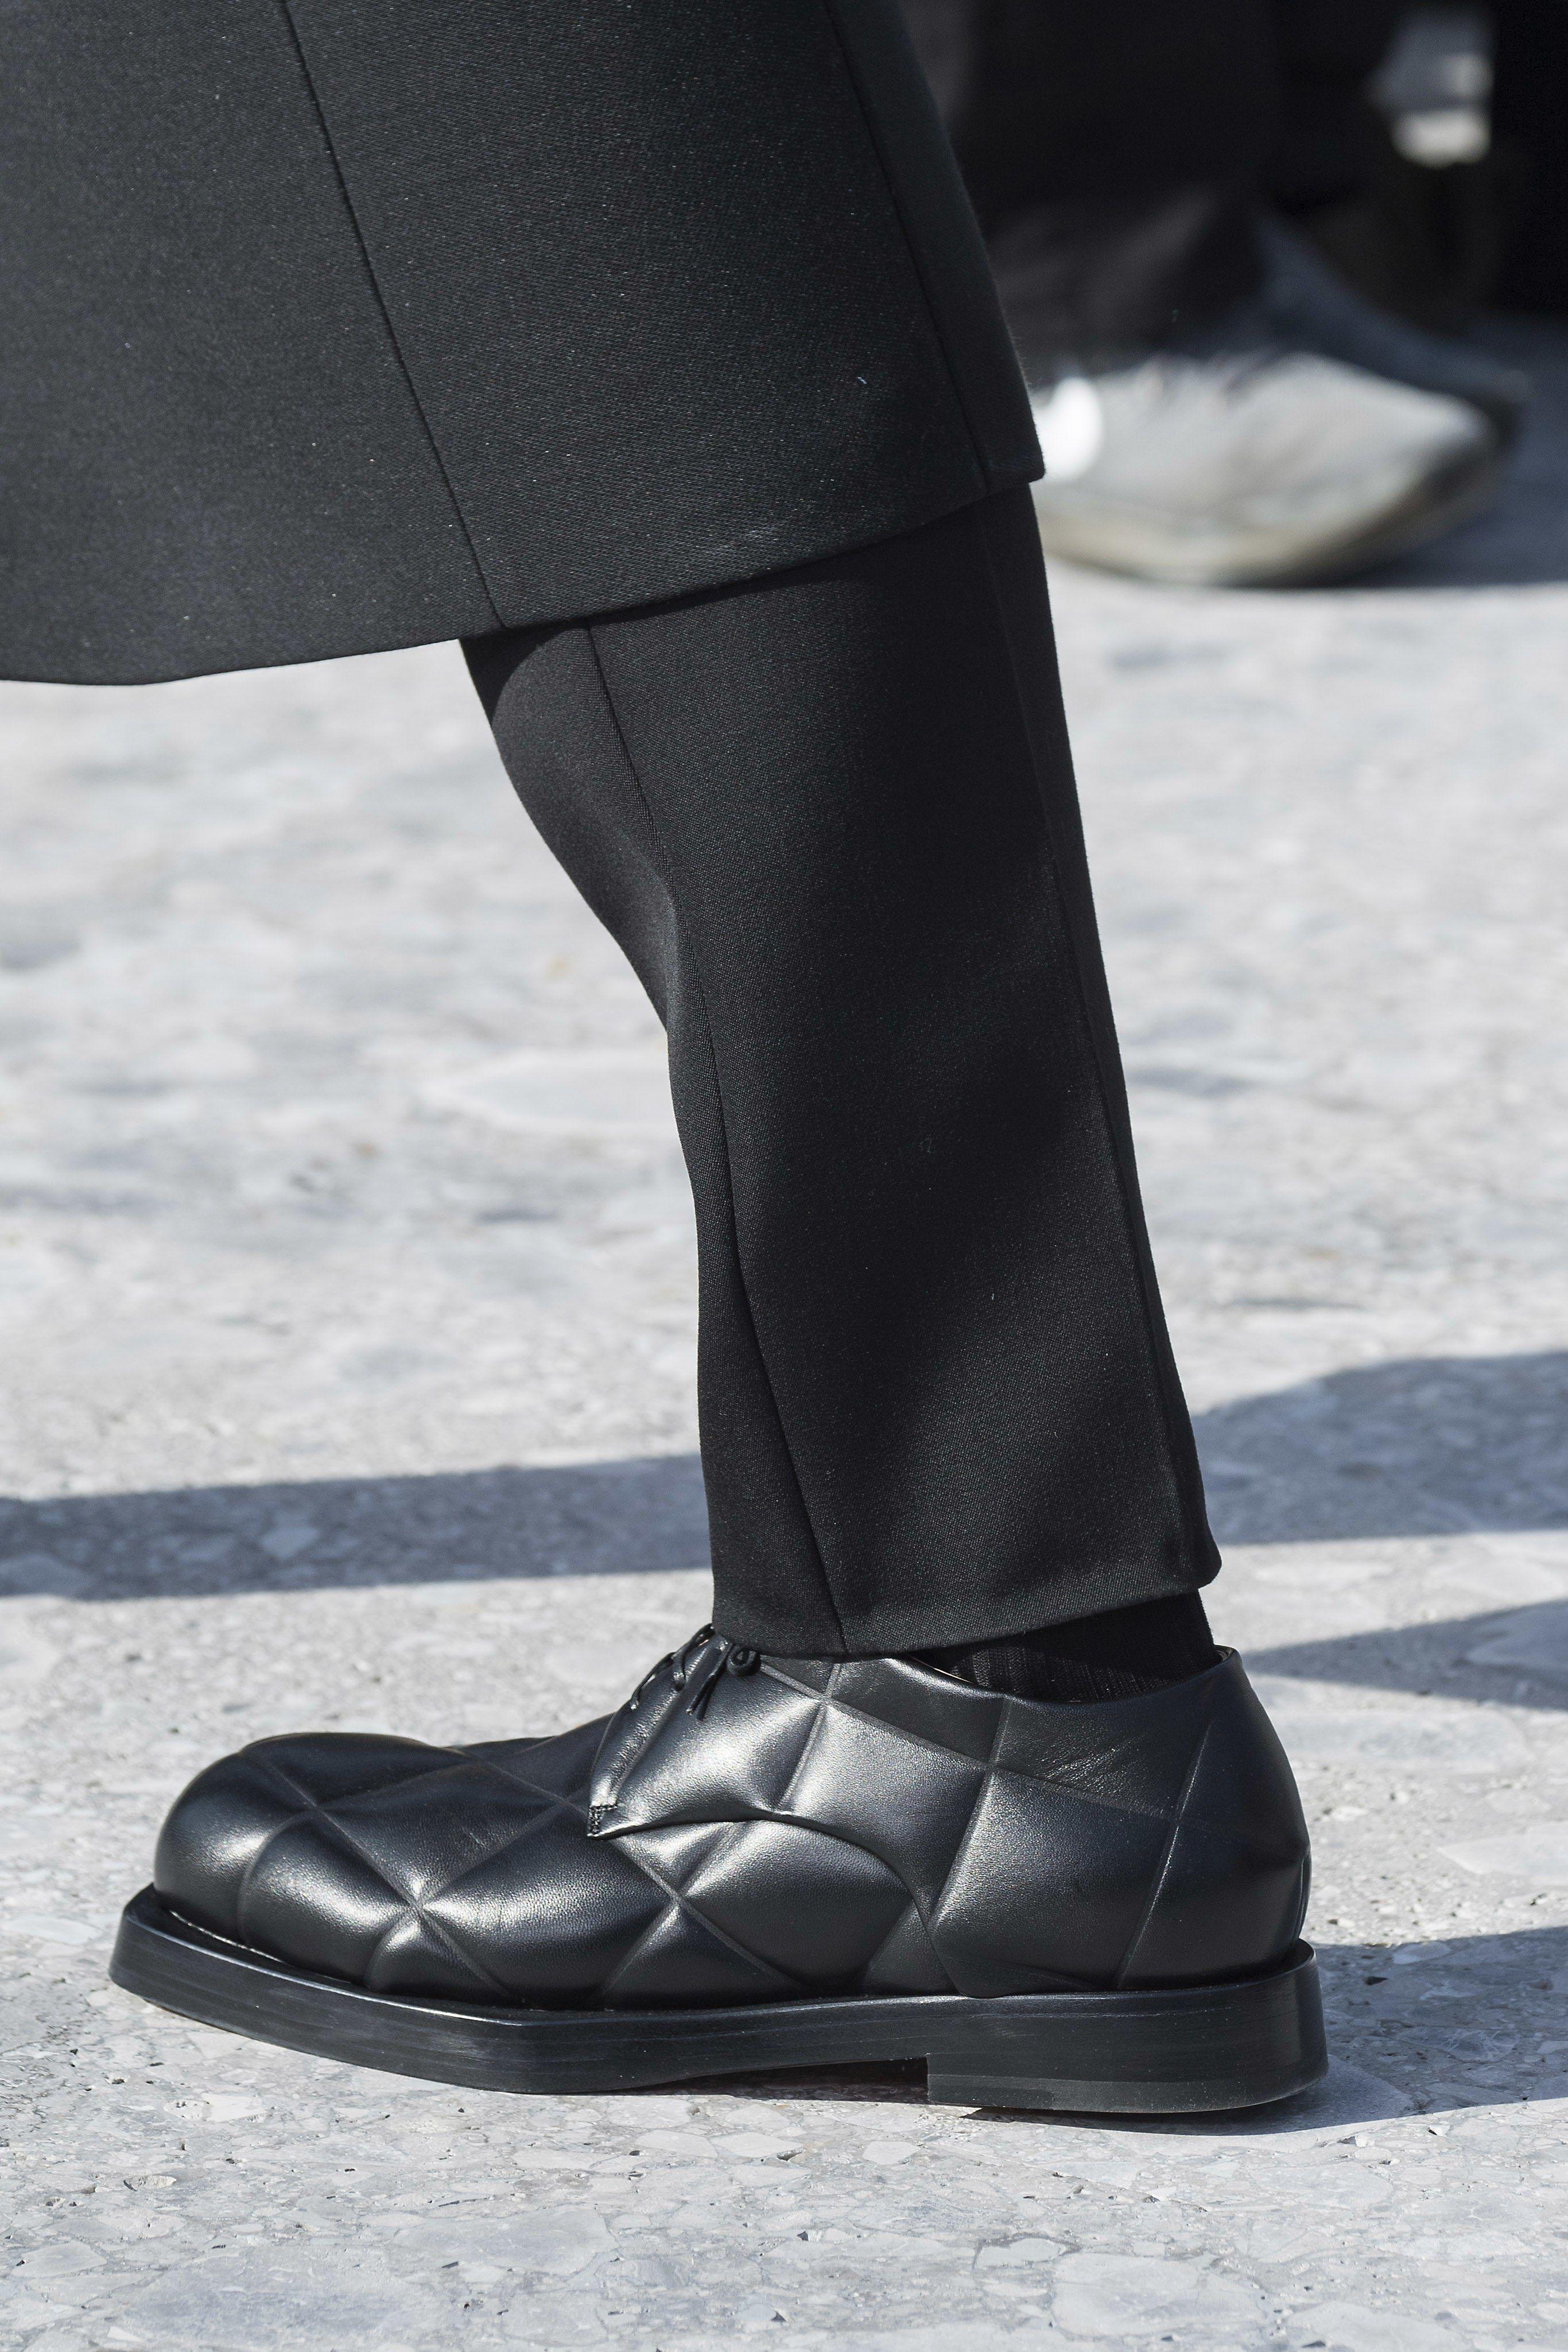 Sneakers men fashion, Dress shoes men